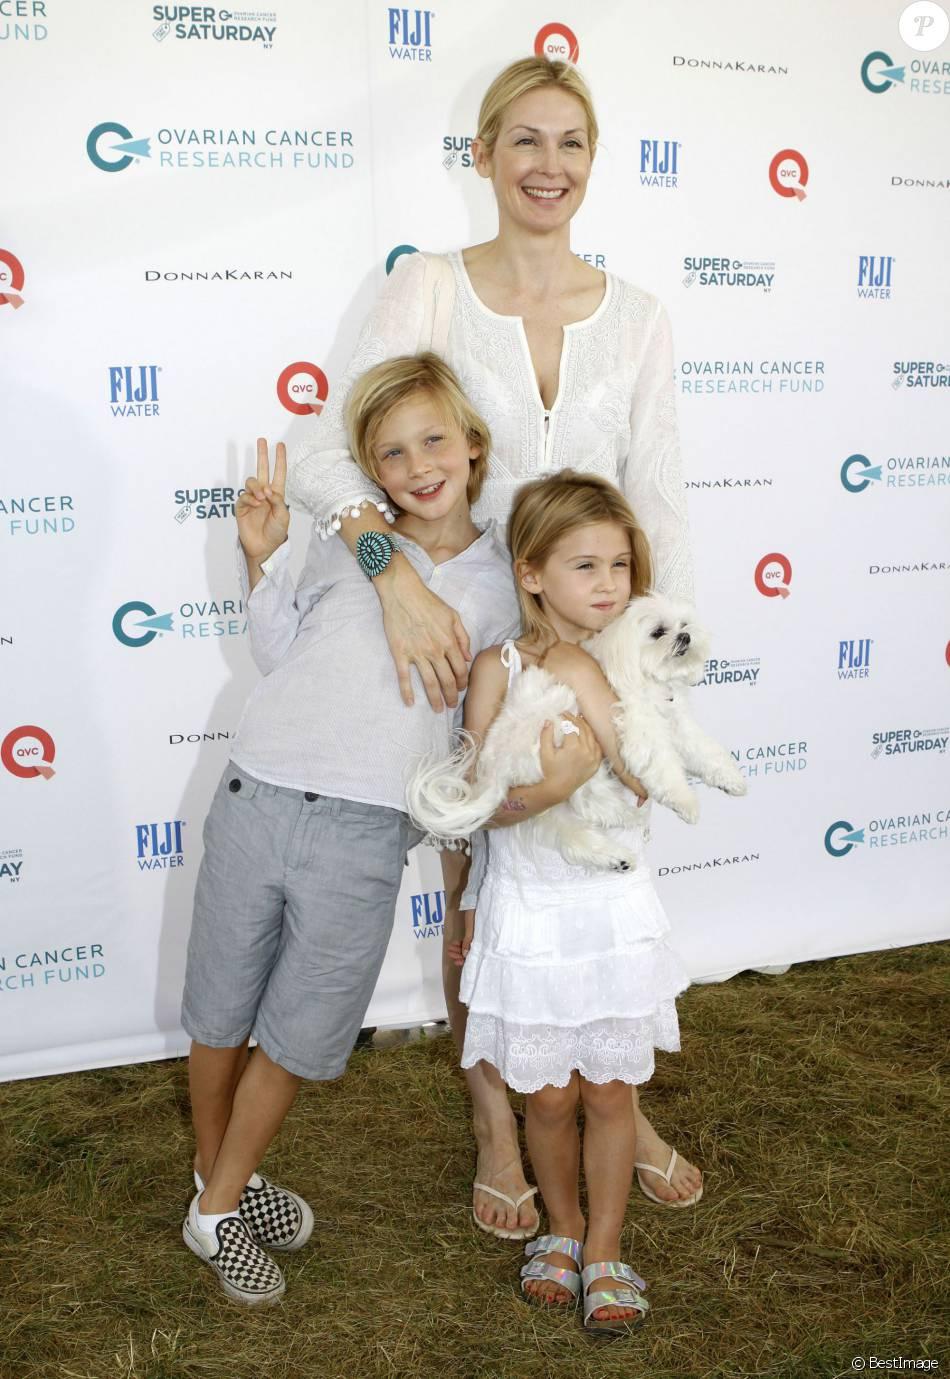 """Malgré la perte définitive de la garde de ses enfants, qu'elle a pour tout l'été en vacances, l'actrice Kelly Rutherford, son fils Hermes et sa fille Helena ont assisté à l'oeuvre caritative """"Ovarian Cancer Research Fund's Super Saturday"""" à Water Mill. Le 25 juillet 2015"""